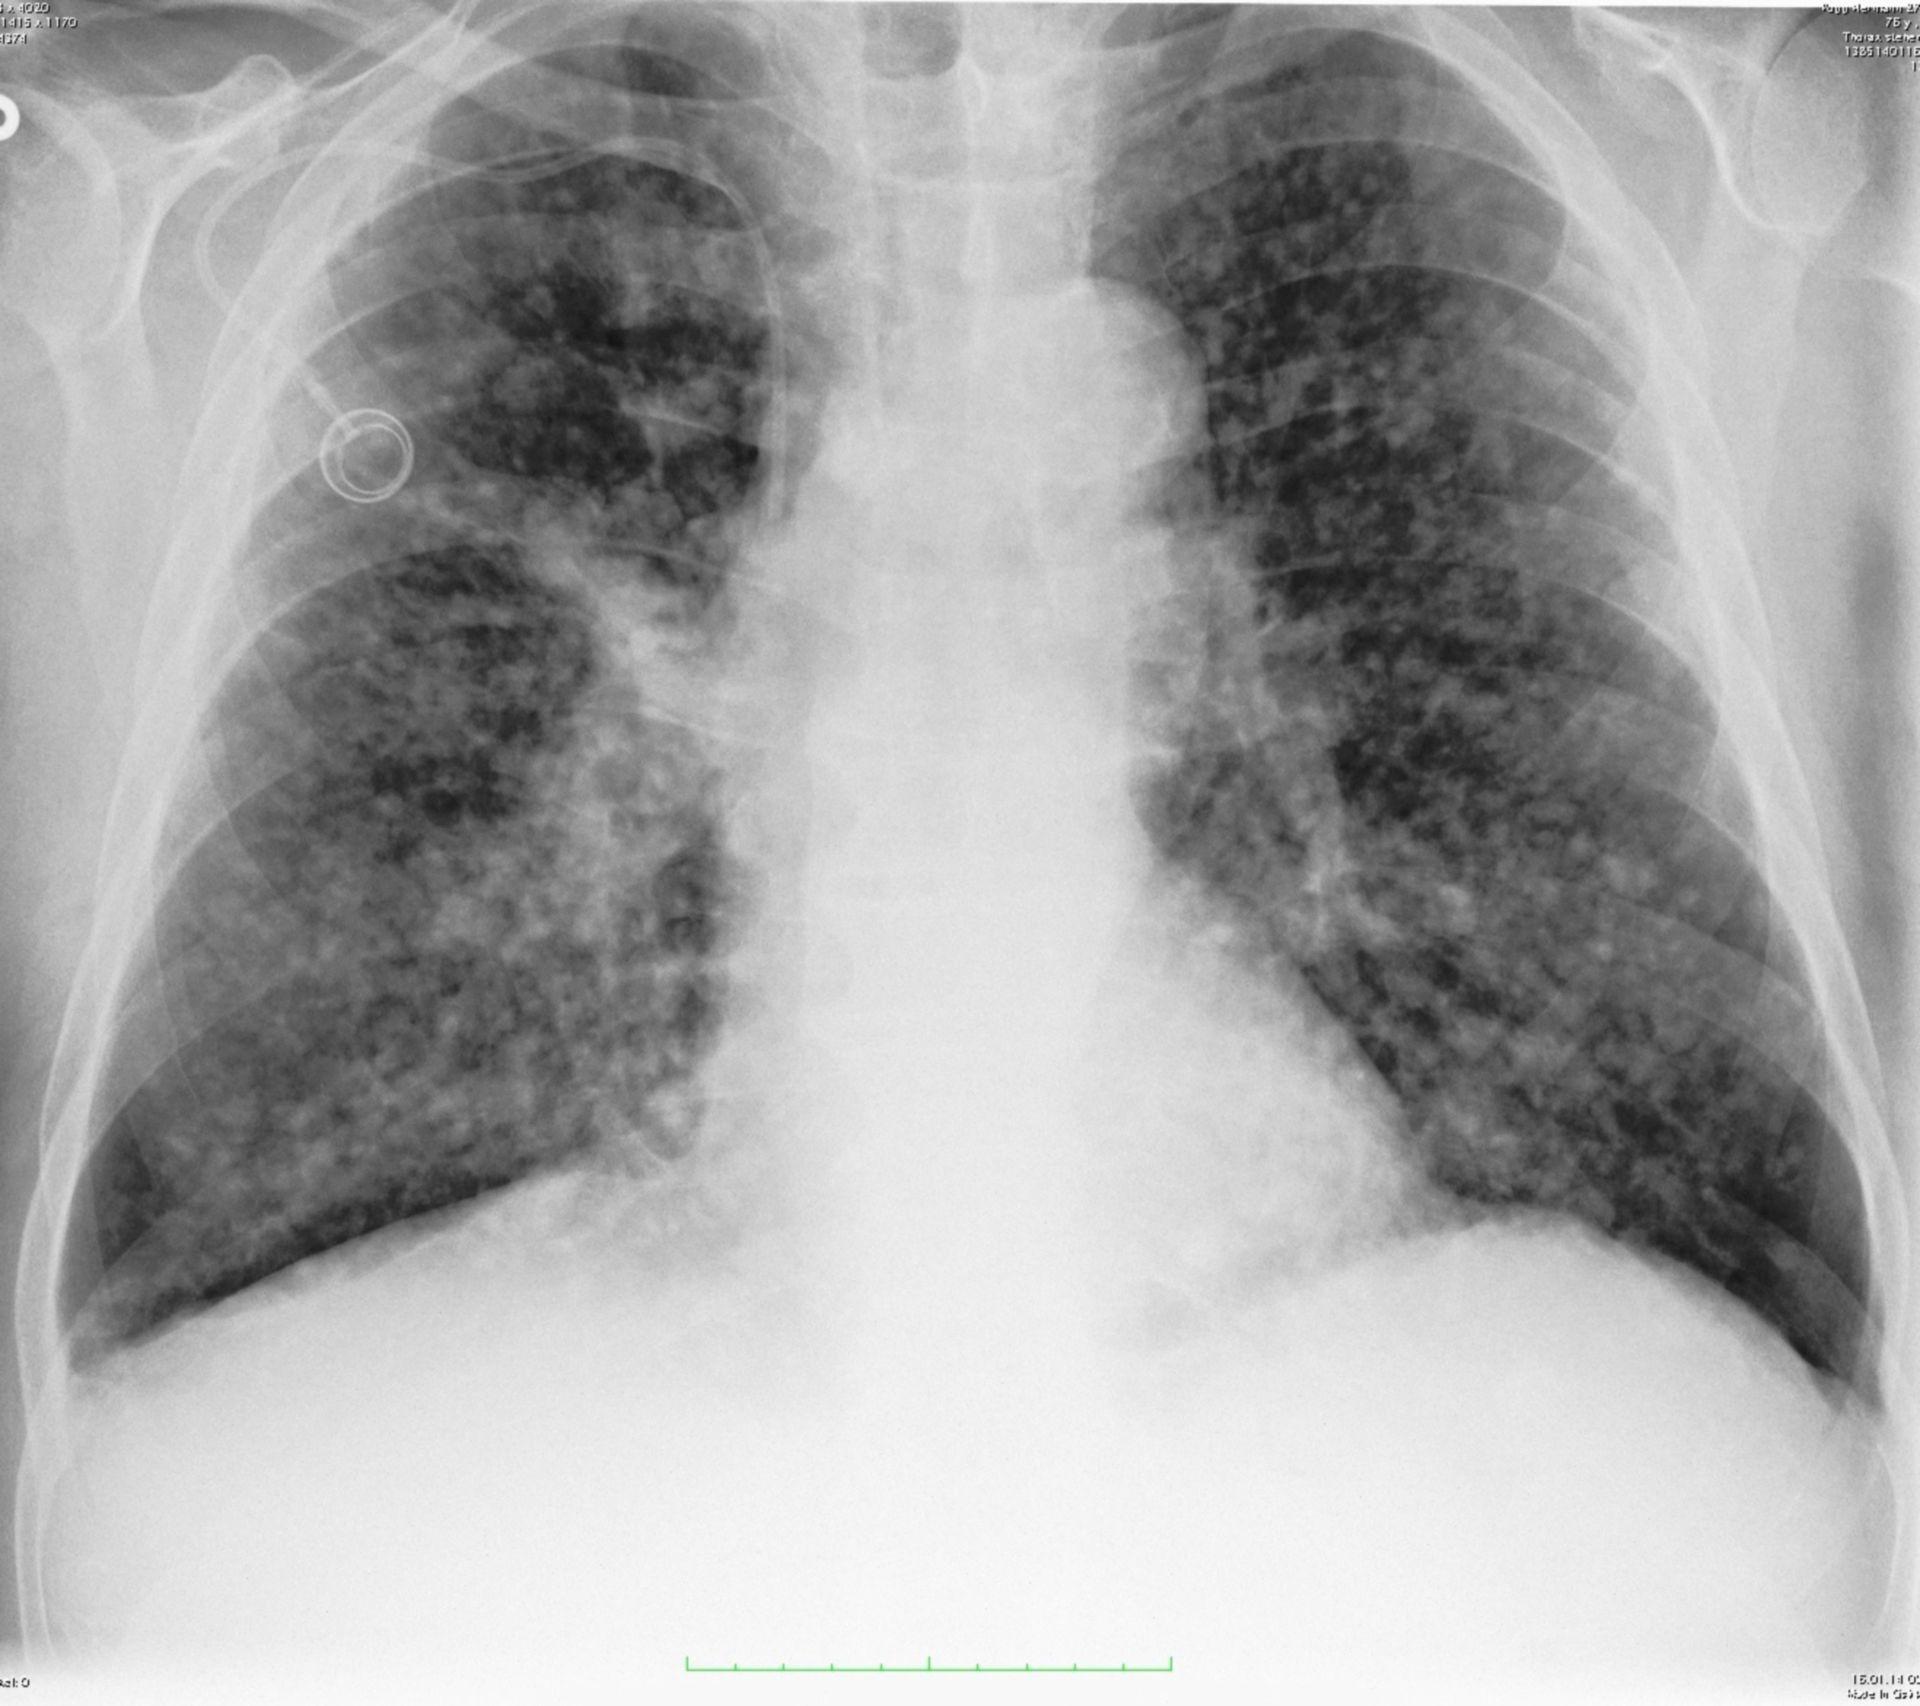 Lungenmetastasen bei CCC